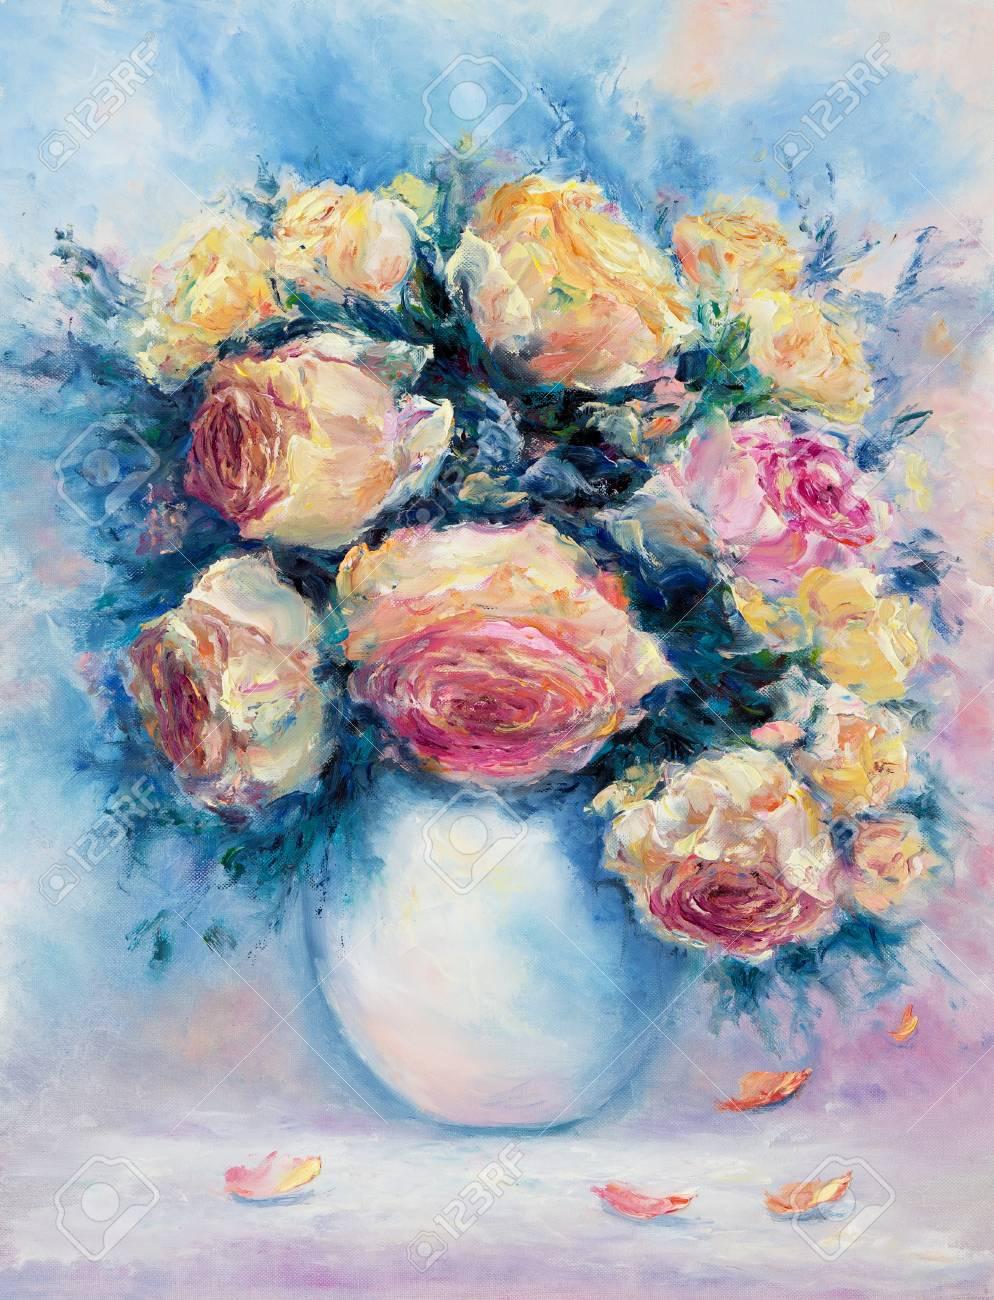 Original Oil Painting Of Beautiful Vase Or Bowl Of Fresh Roses